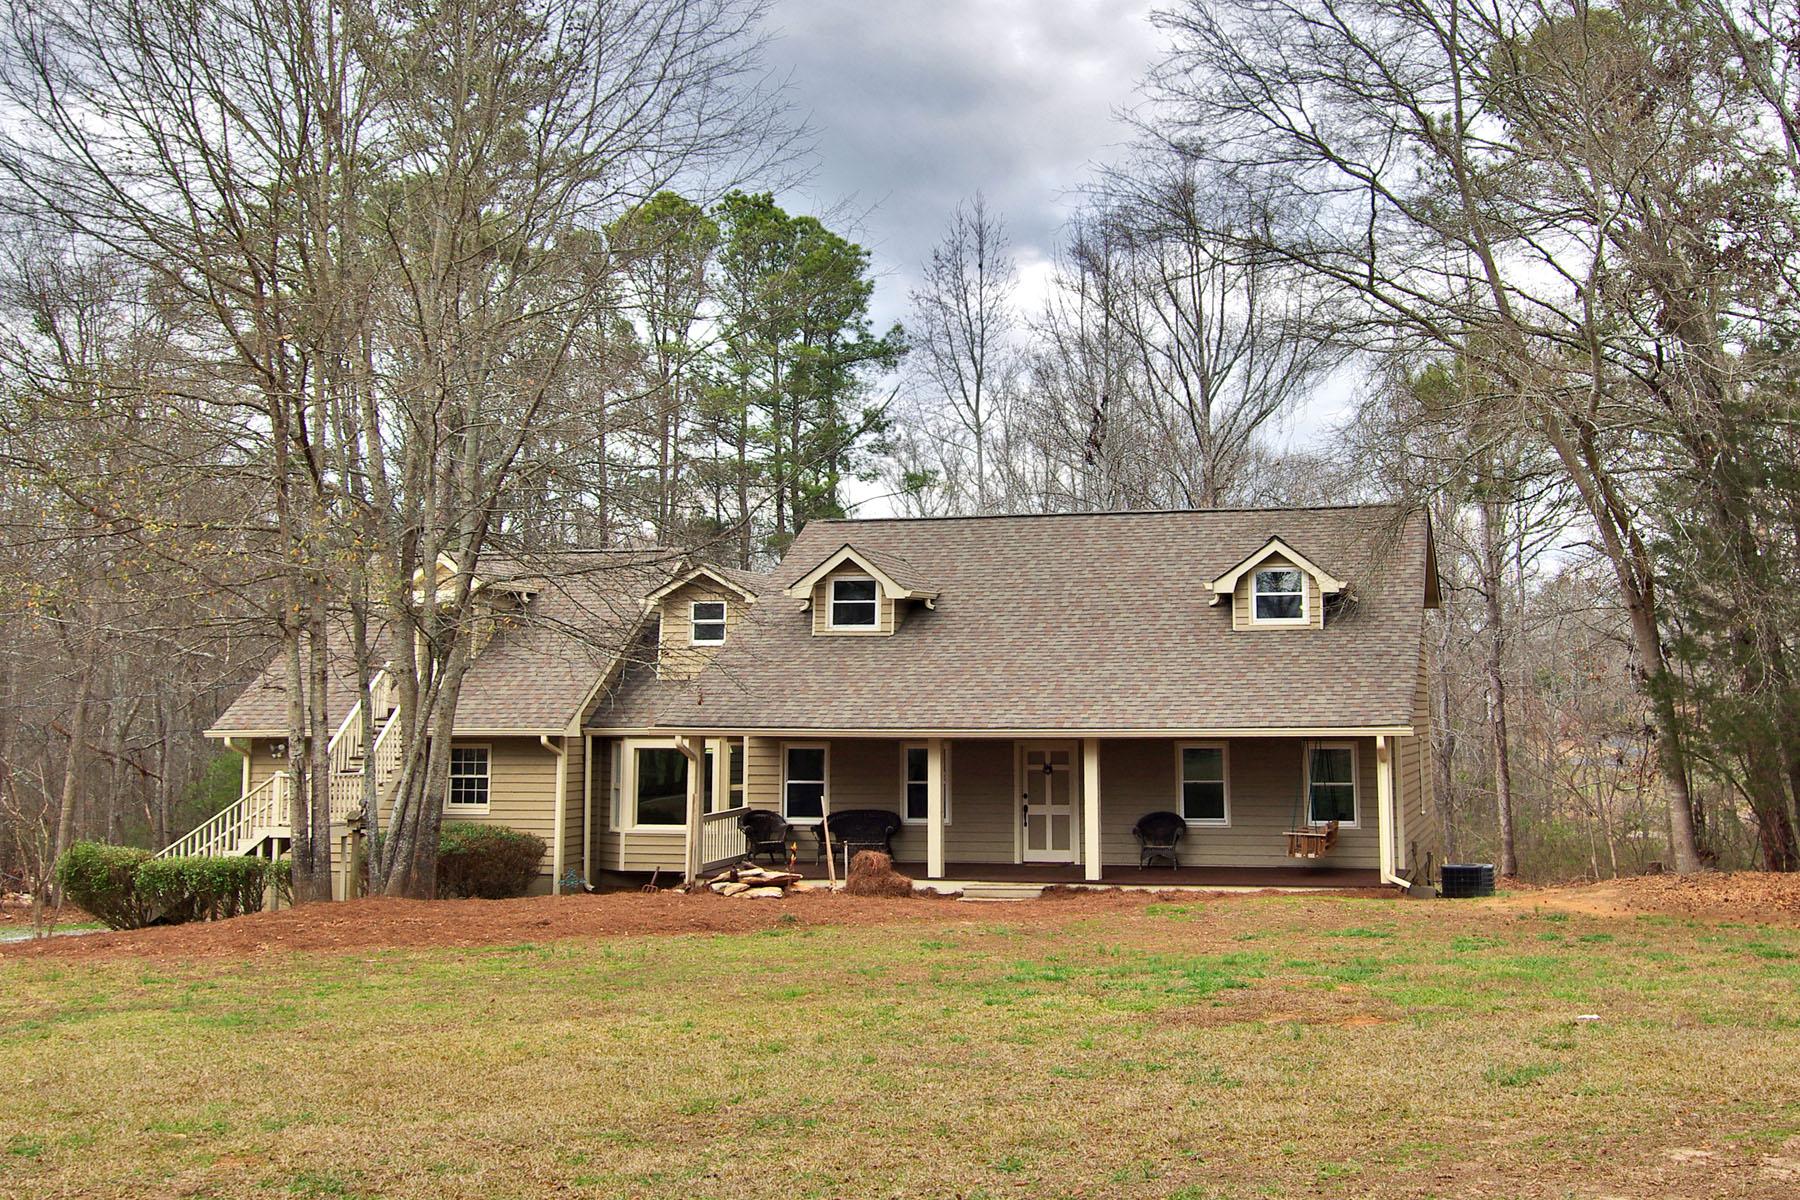 Nhà ở một gia đình vì Bán tại Beautiful Renovation on 2.87 +/- Private Acres 2985 Old Zion Cemetery Road Loganville, Georgia, 30052 Hoa Kỳ